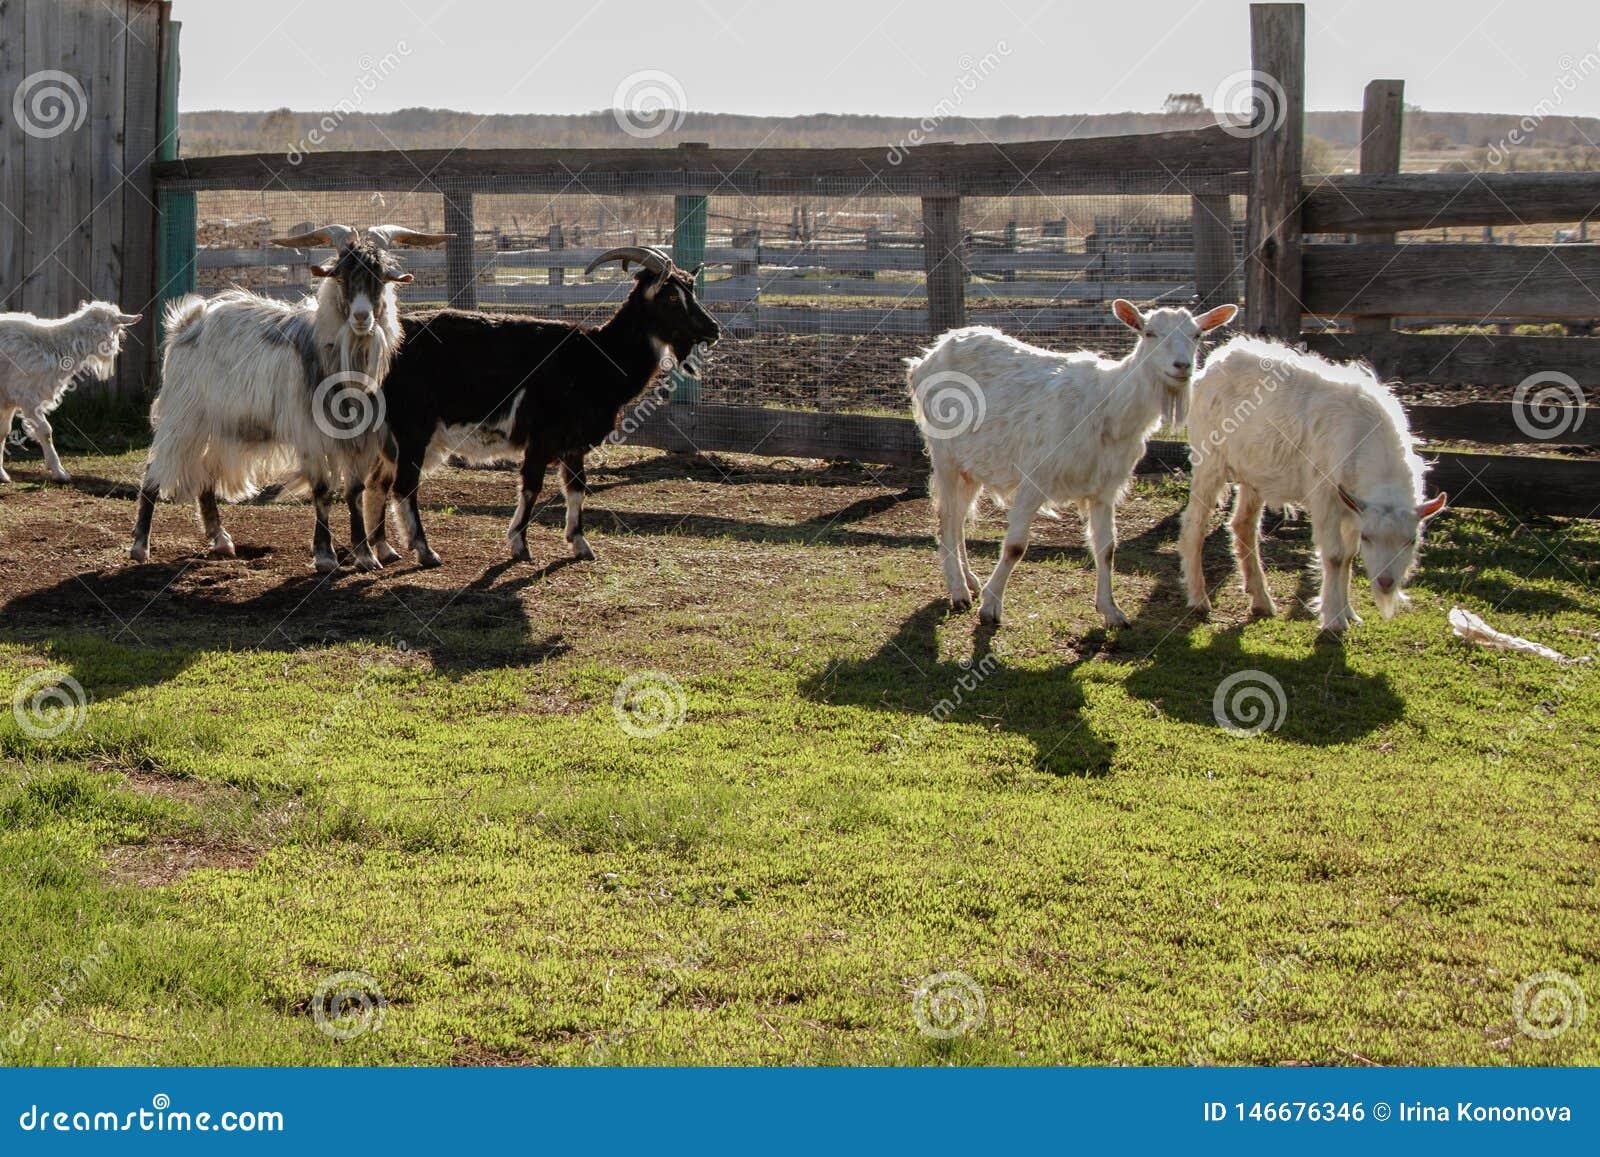 Bezaubernde Ziegen, belichtet durch die Sonne, auf dem Bauernhof